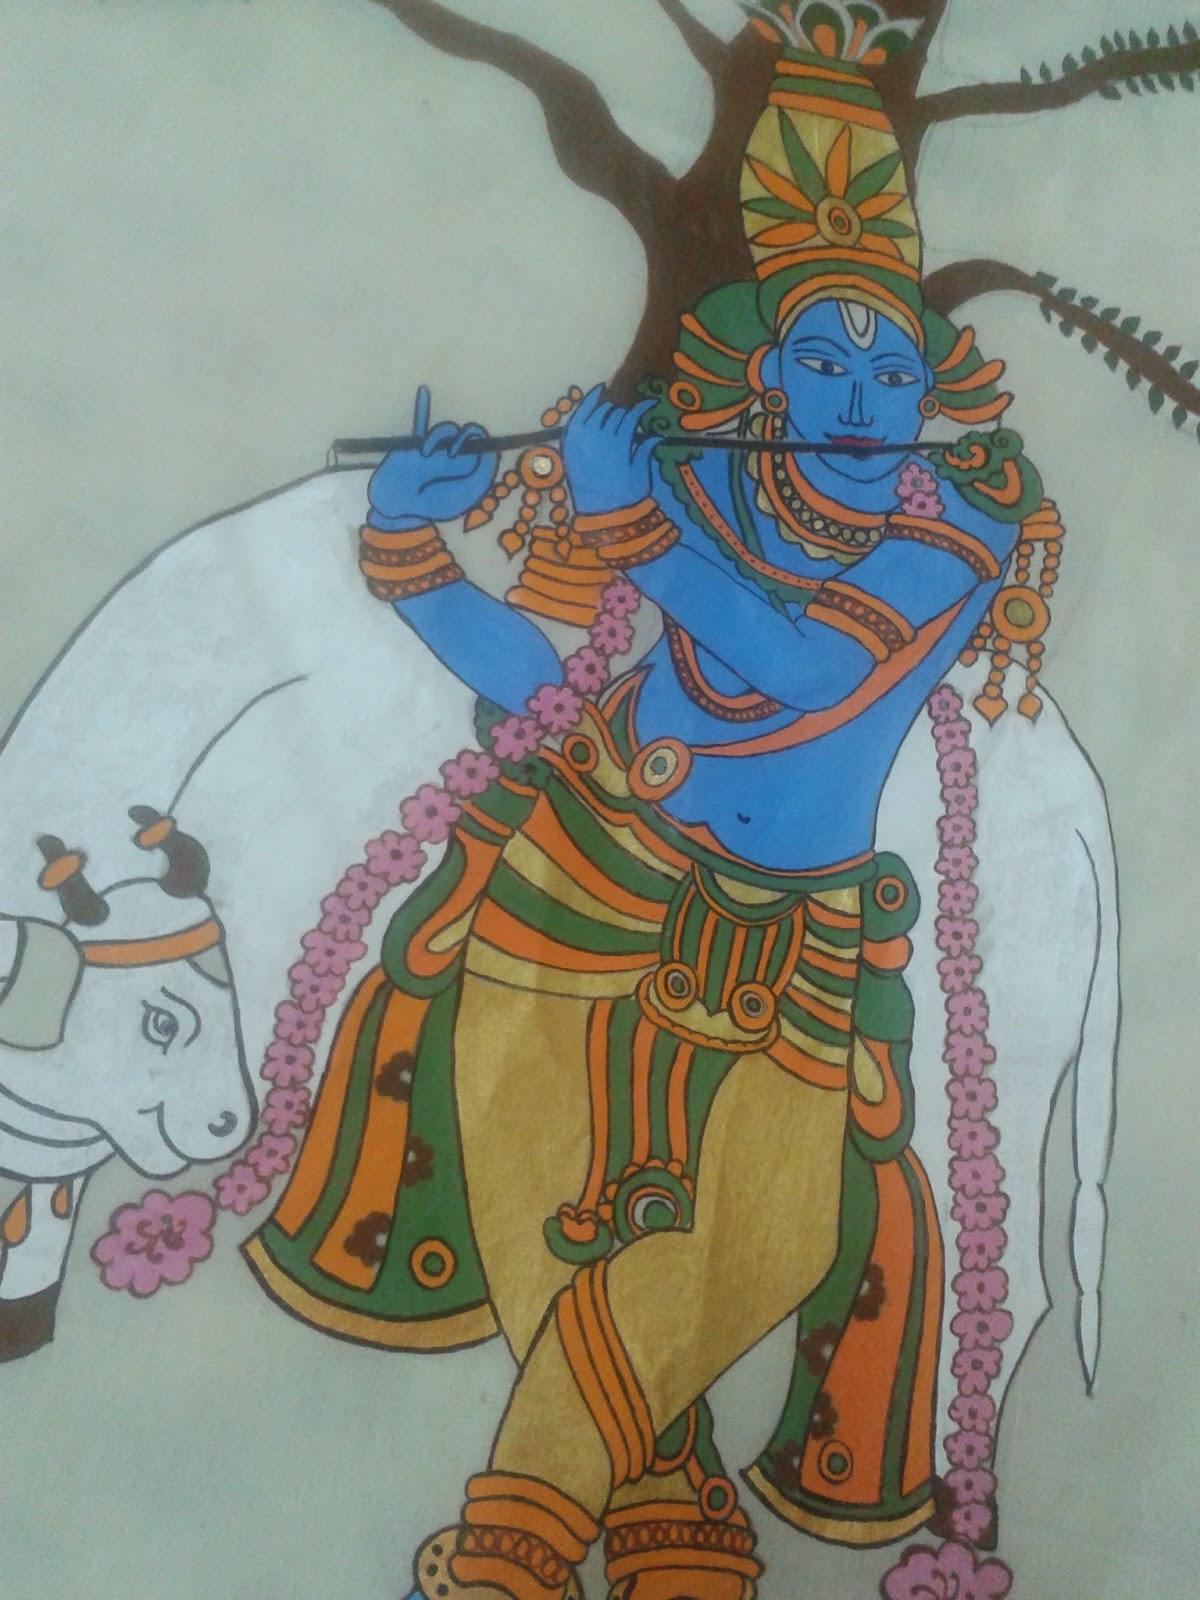 krishna mural design